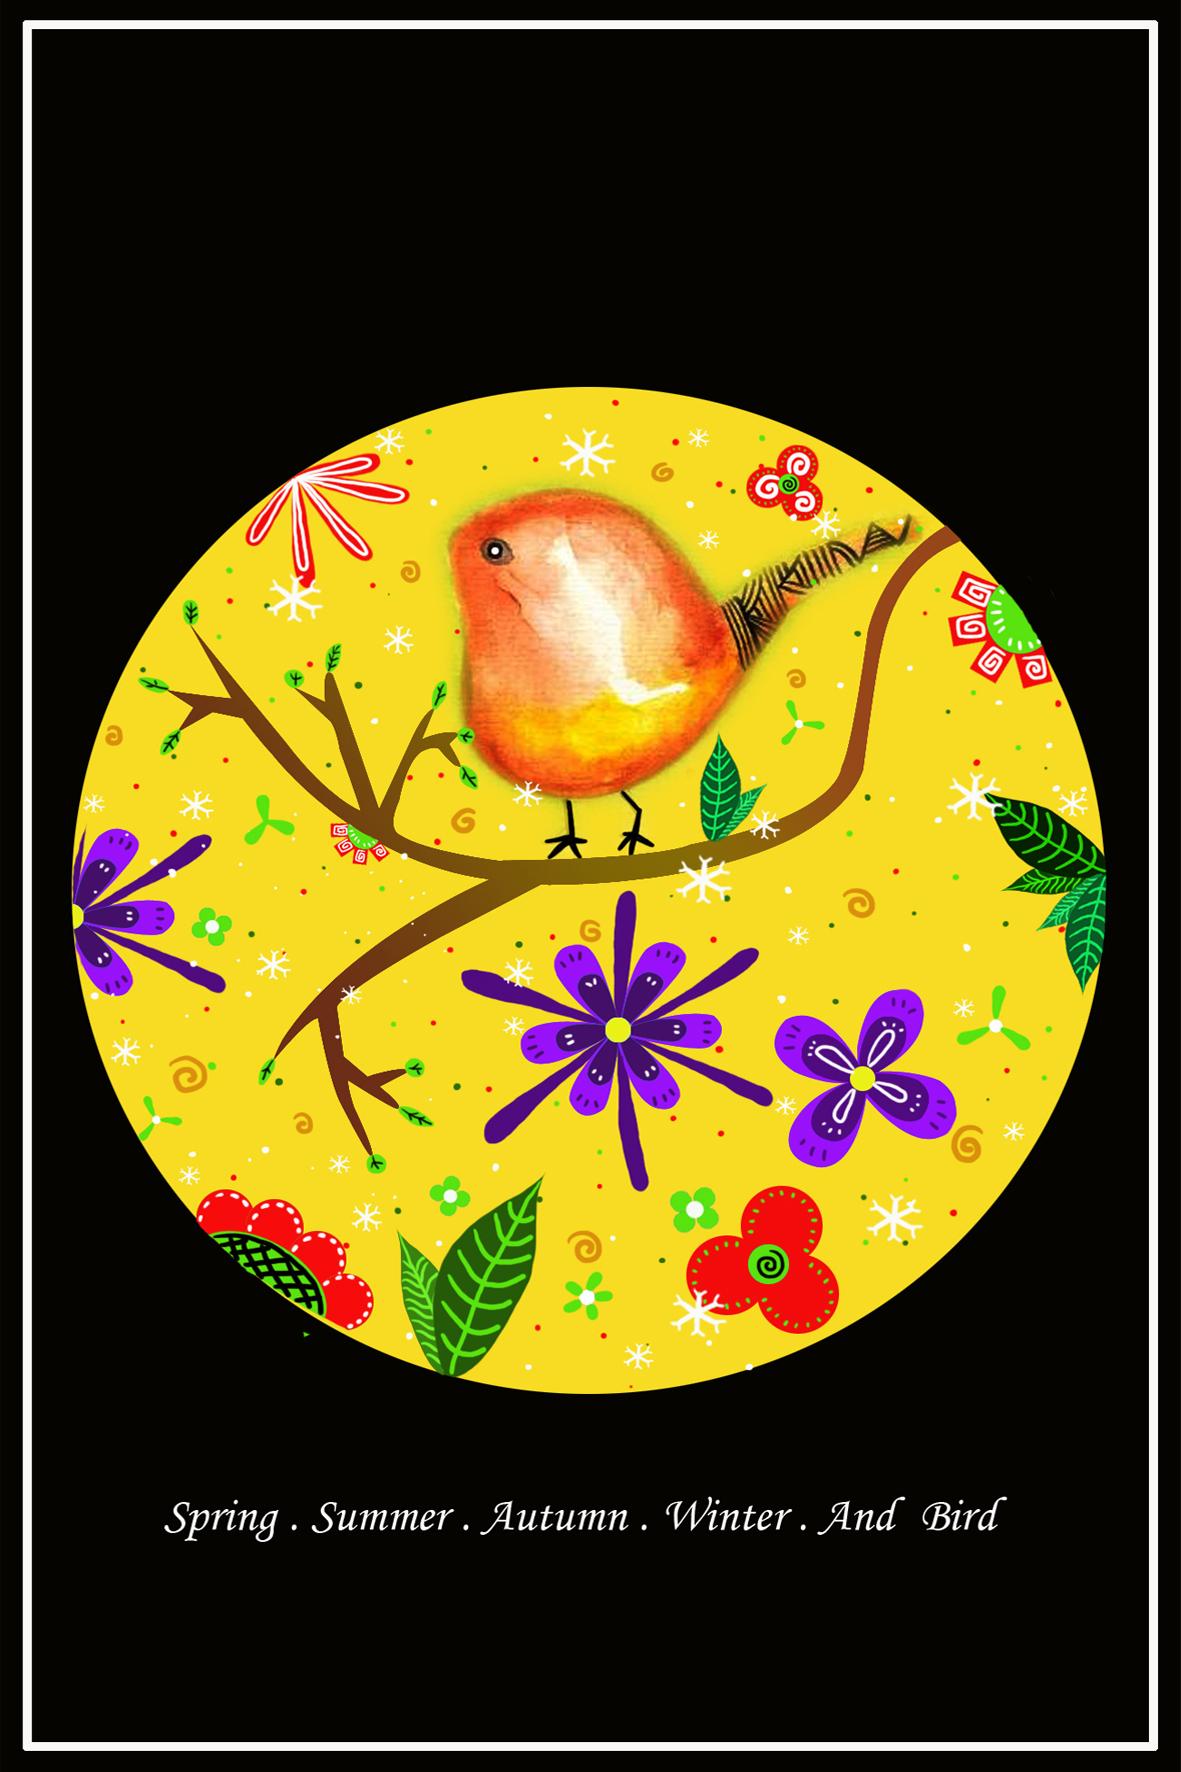 《春夏秋冬》黄款明信片